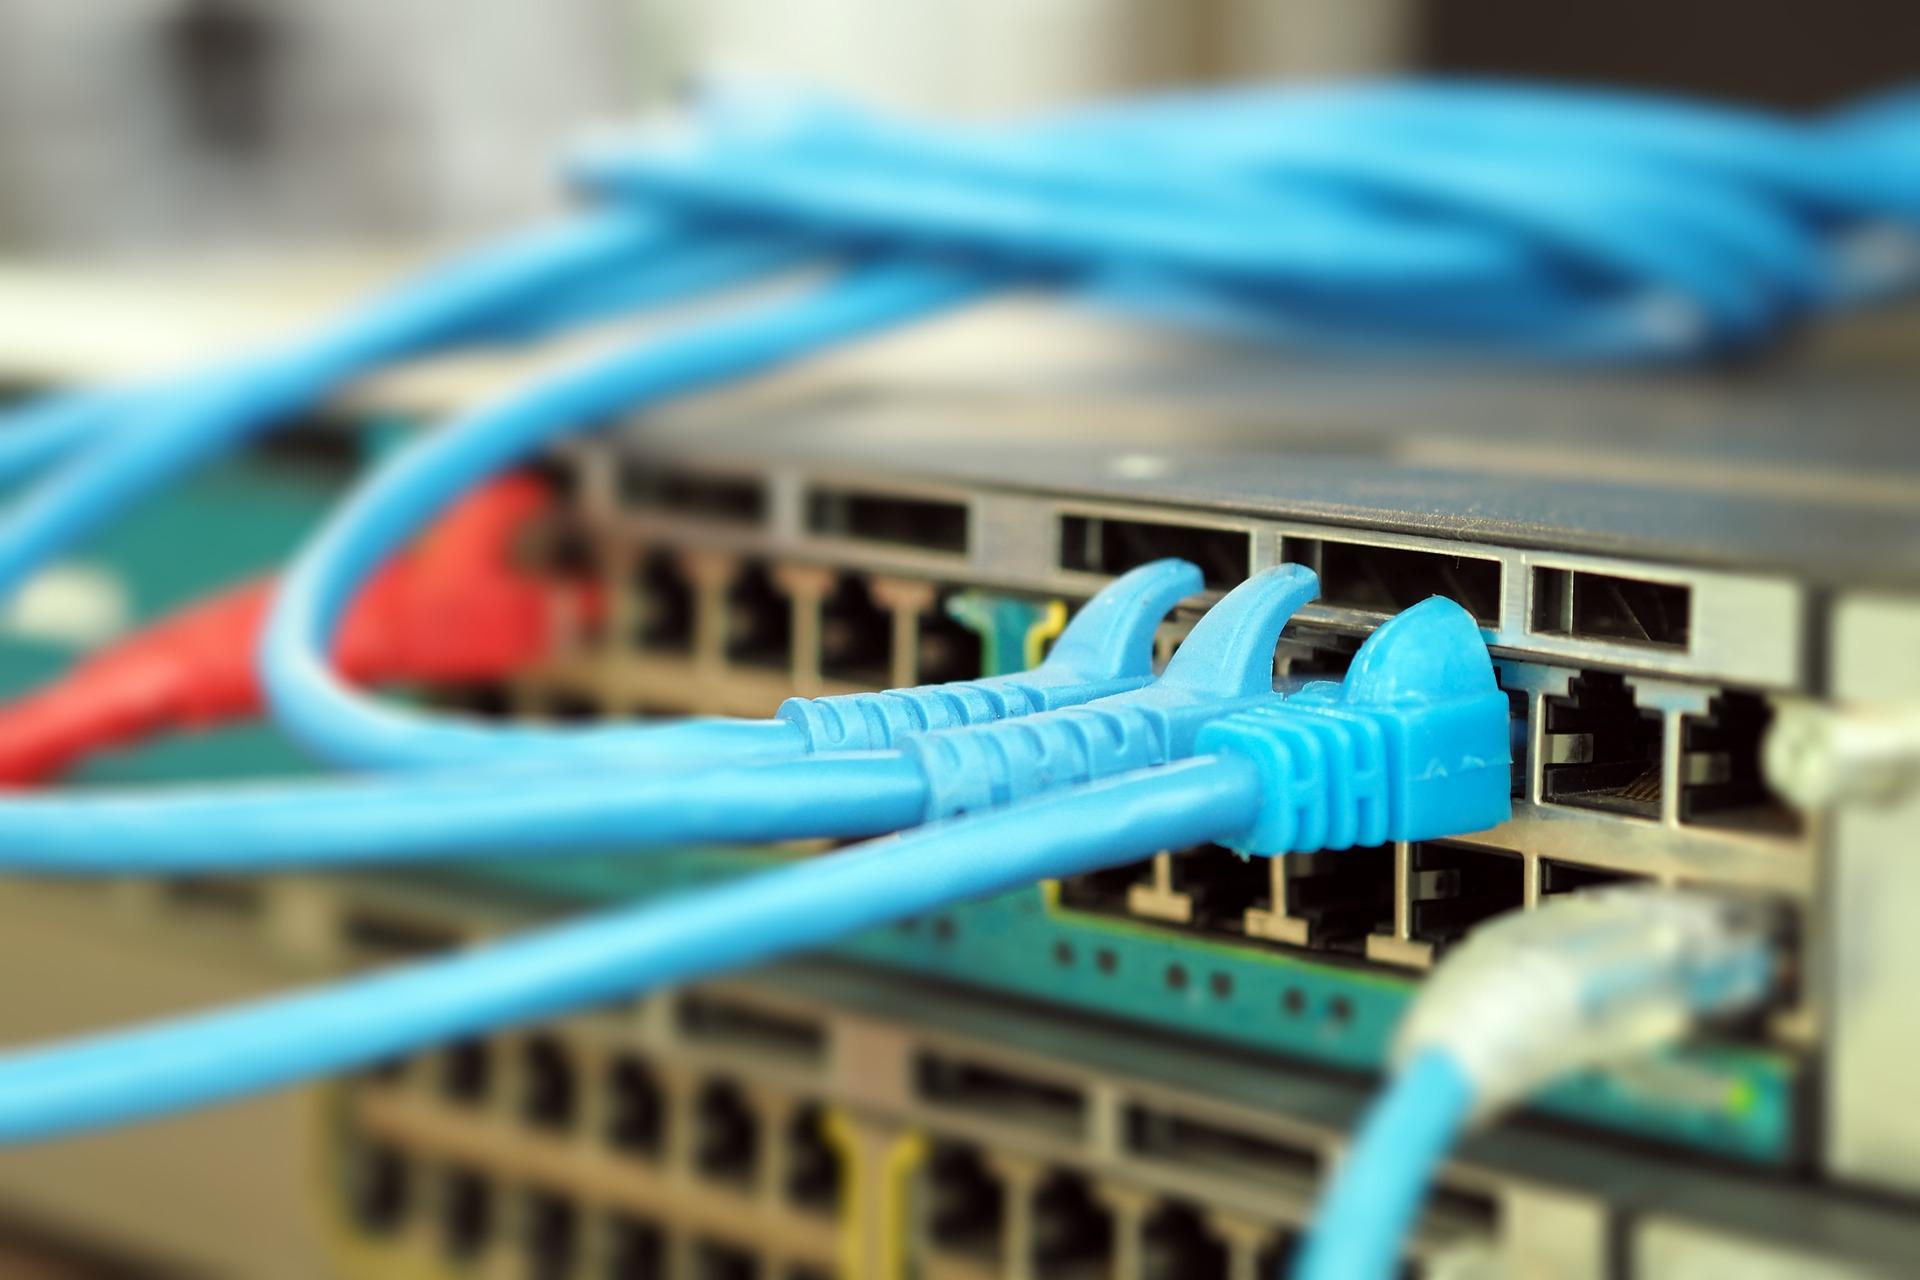 電話回線の配線工事の費用と流れ!知っておきたい注意点